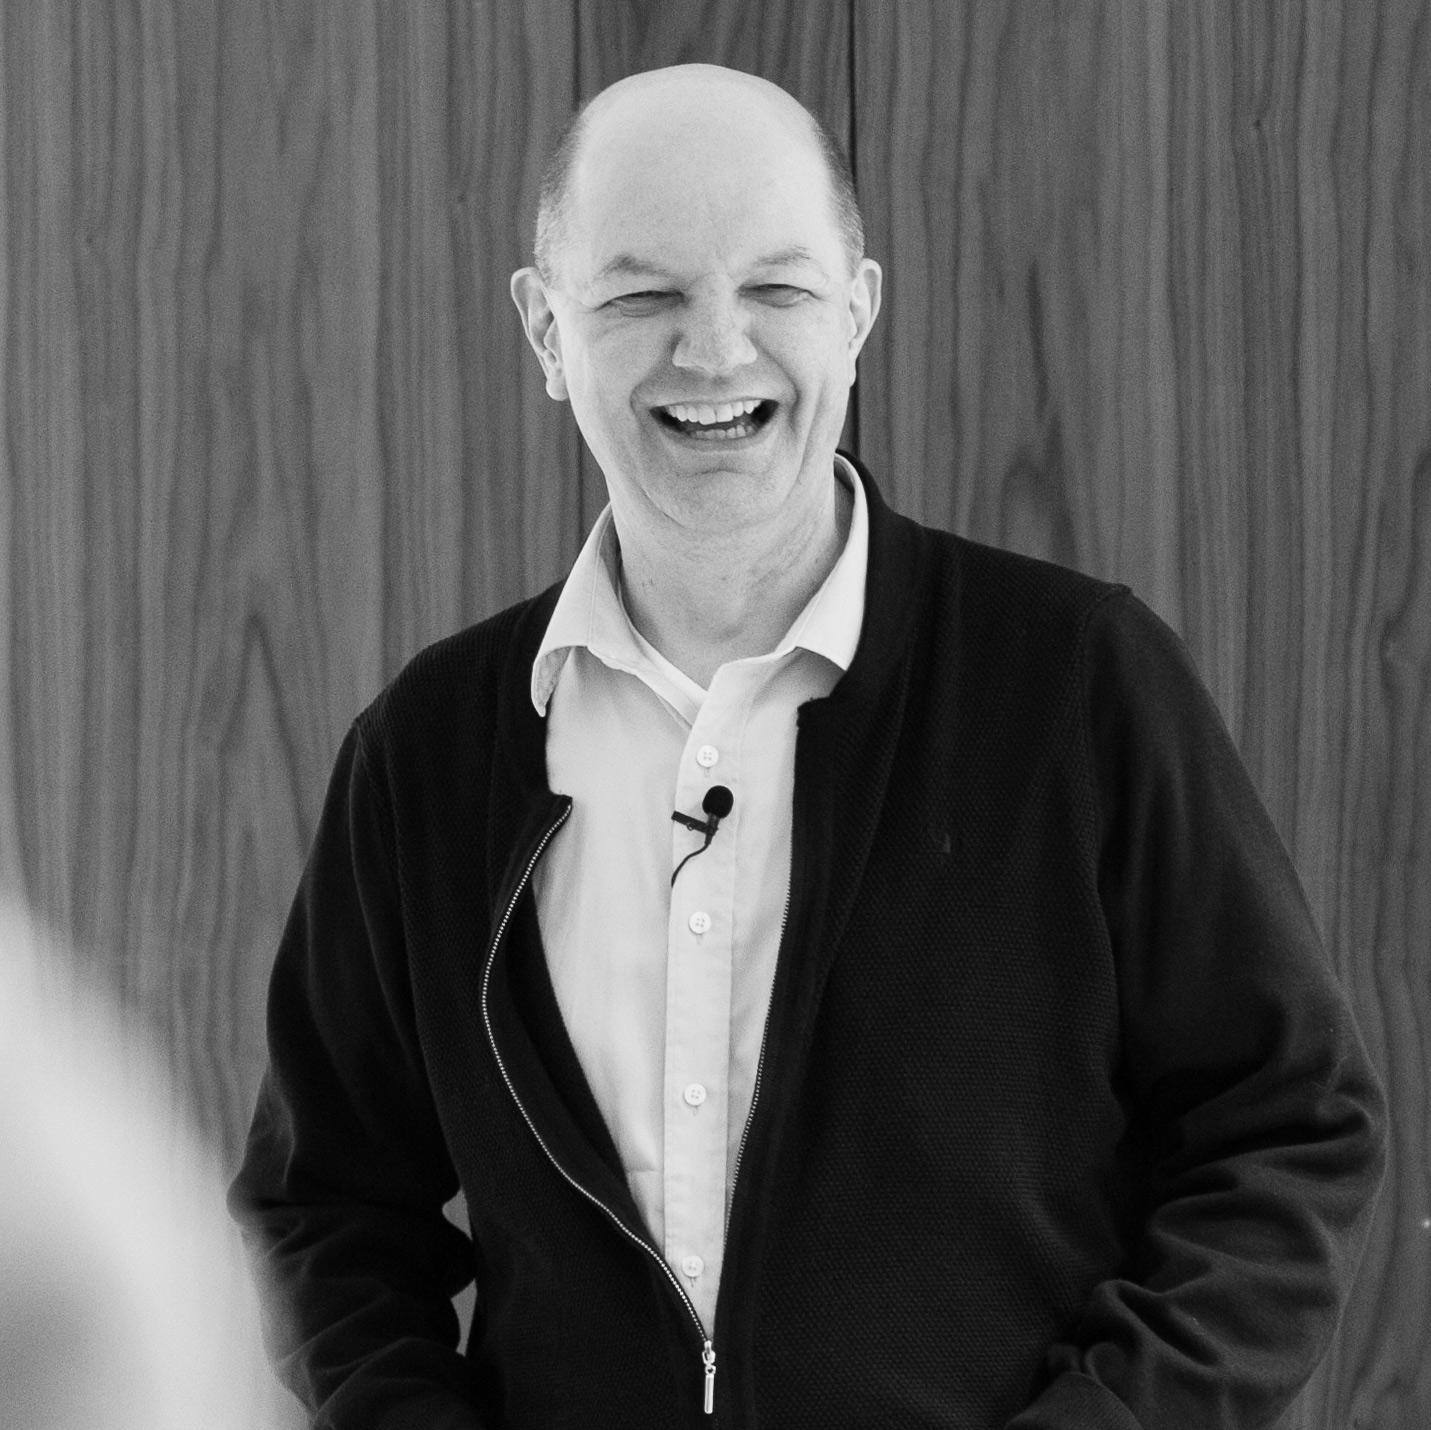 Knut Osland - Knut Osland leder DNA International og har skrevet boka Him'len hit!